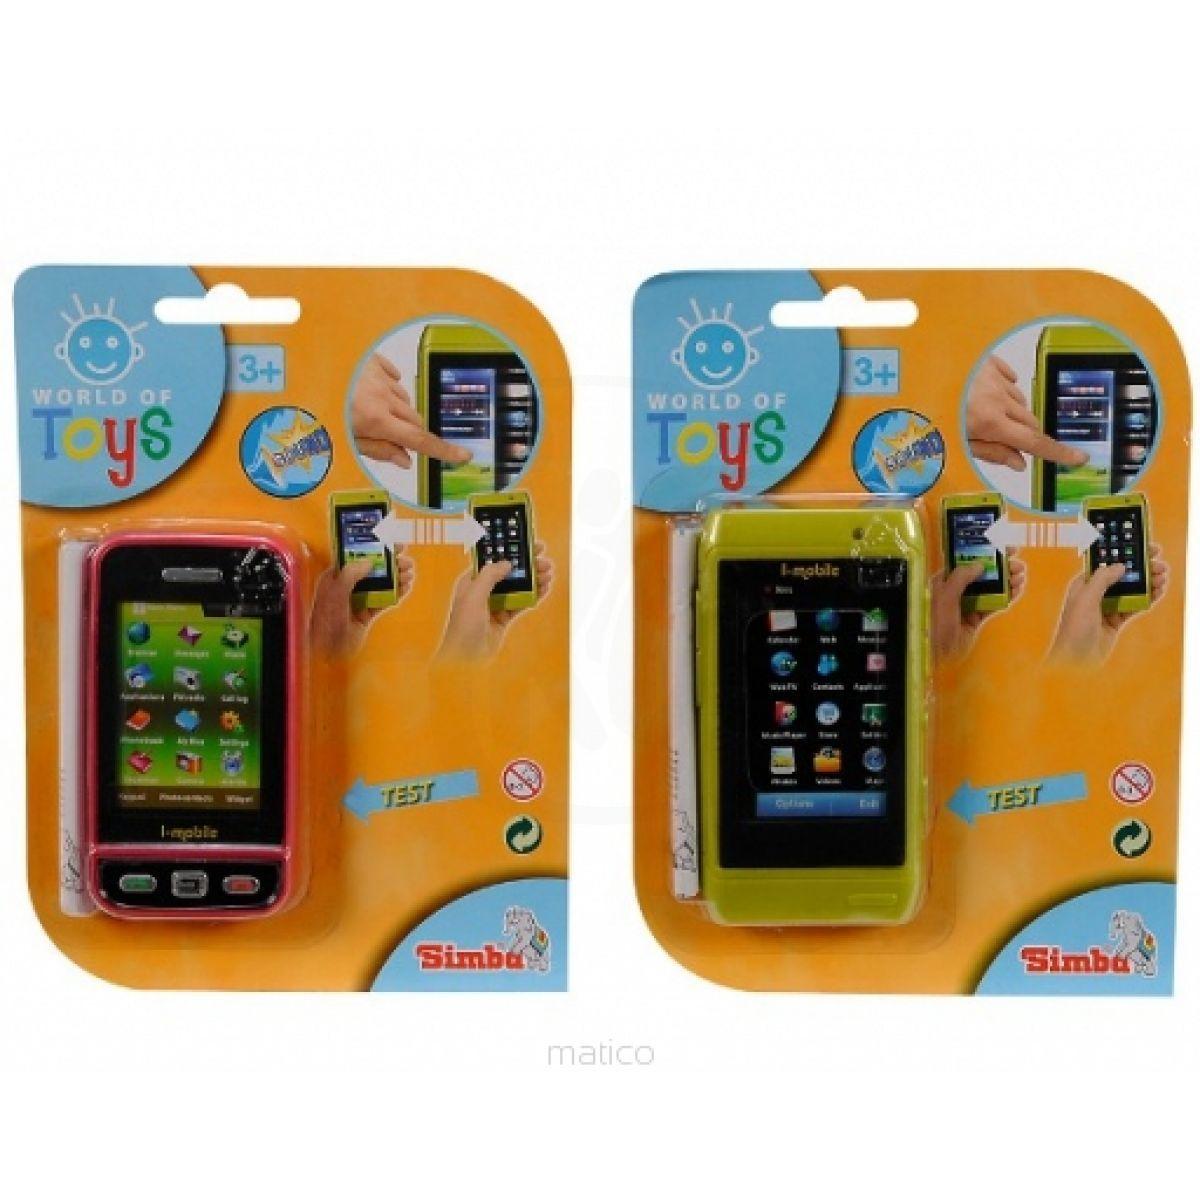 Simba S 4516304 - Mobil s dotykovým displejem, 2 druhy - Červená